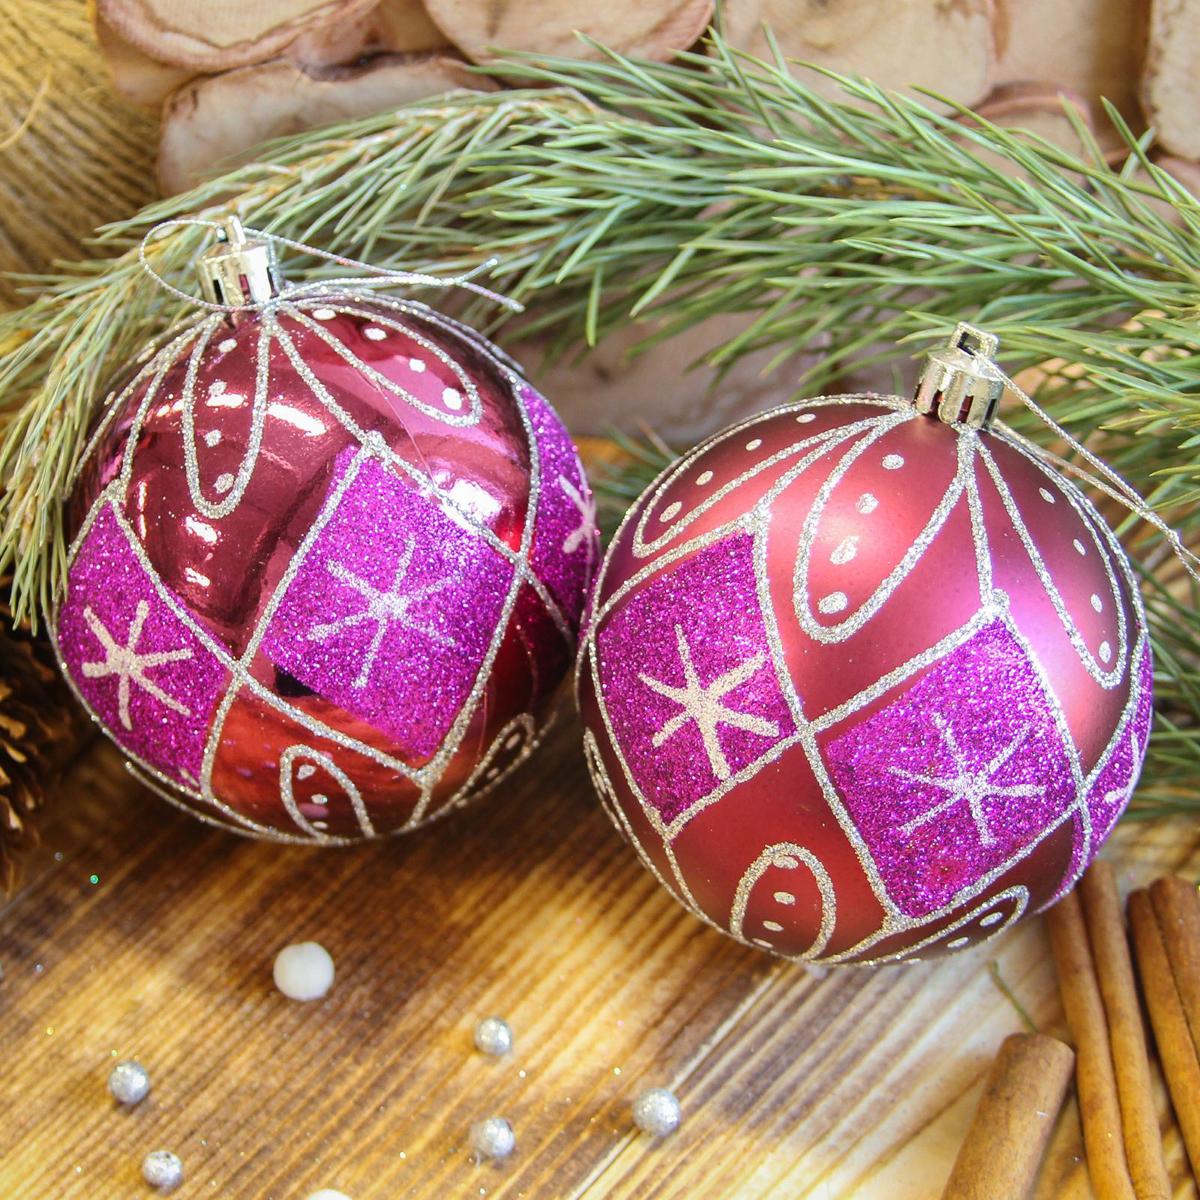 Набор новогодних подвесных украшений Sima-land Ночь, диаметр 8 см, 6 шт2122969Набор новогодних подвесных украшений Sima-land отлично подойдет для декорации вашего дома и новогодней ели. С помощью специальной петельки украшение можно повесить в любом понравившемся вам месте. Но, конечно, удачнее всего оно будет смотреться на праздничной елке. Елочная игрушка - символ Нового года. Она несет в себе волшебство и красоту праздника. Создайте в своем доме атмосферу веселья и радости, украшая новогоднюю елку нарядными игрушками, которые будут из года в год накапливать теплоту воспоминаний.